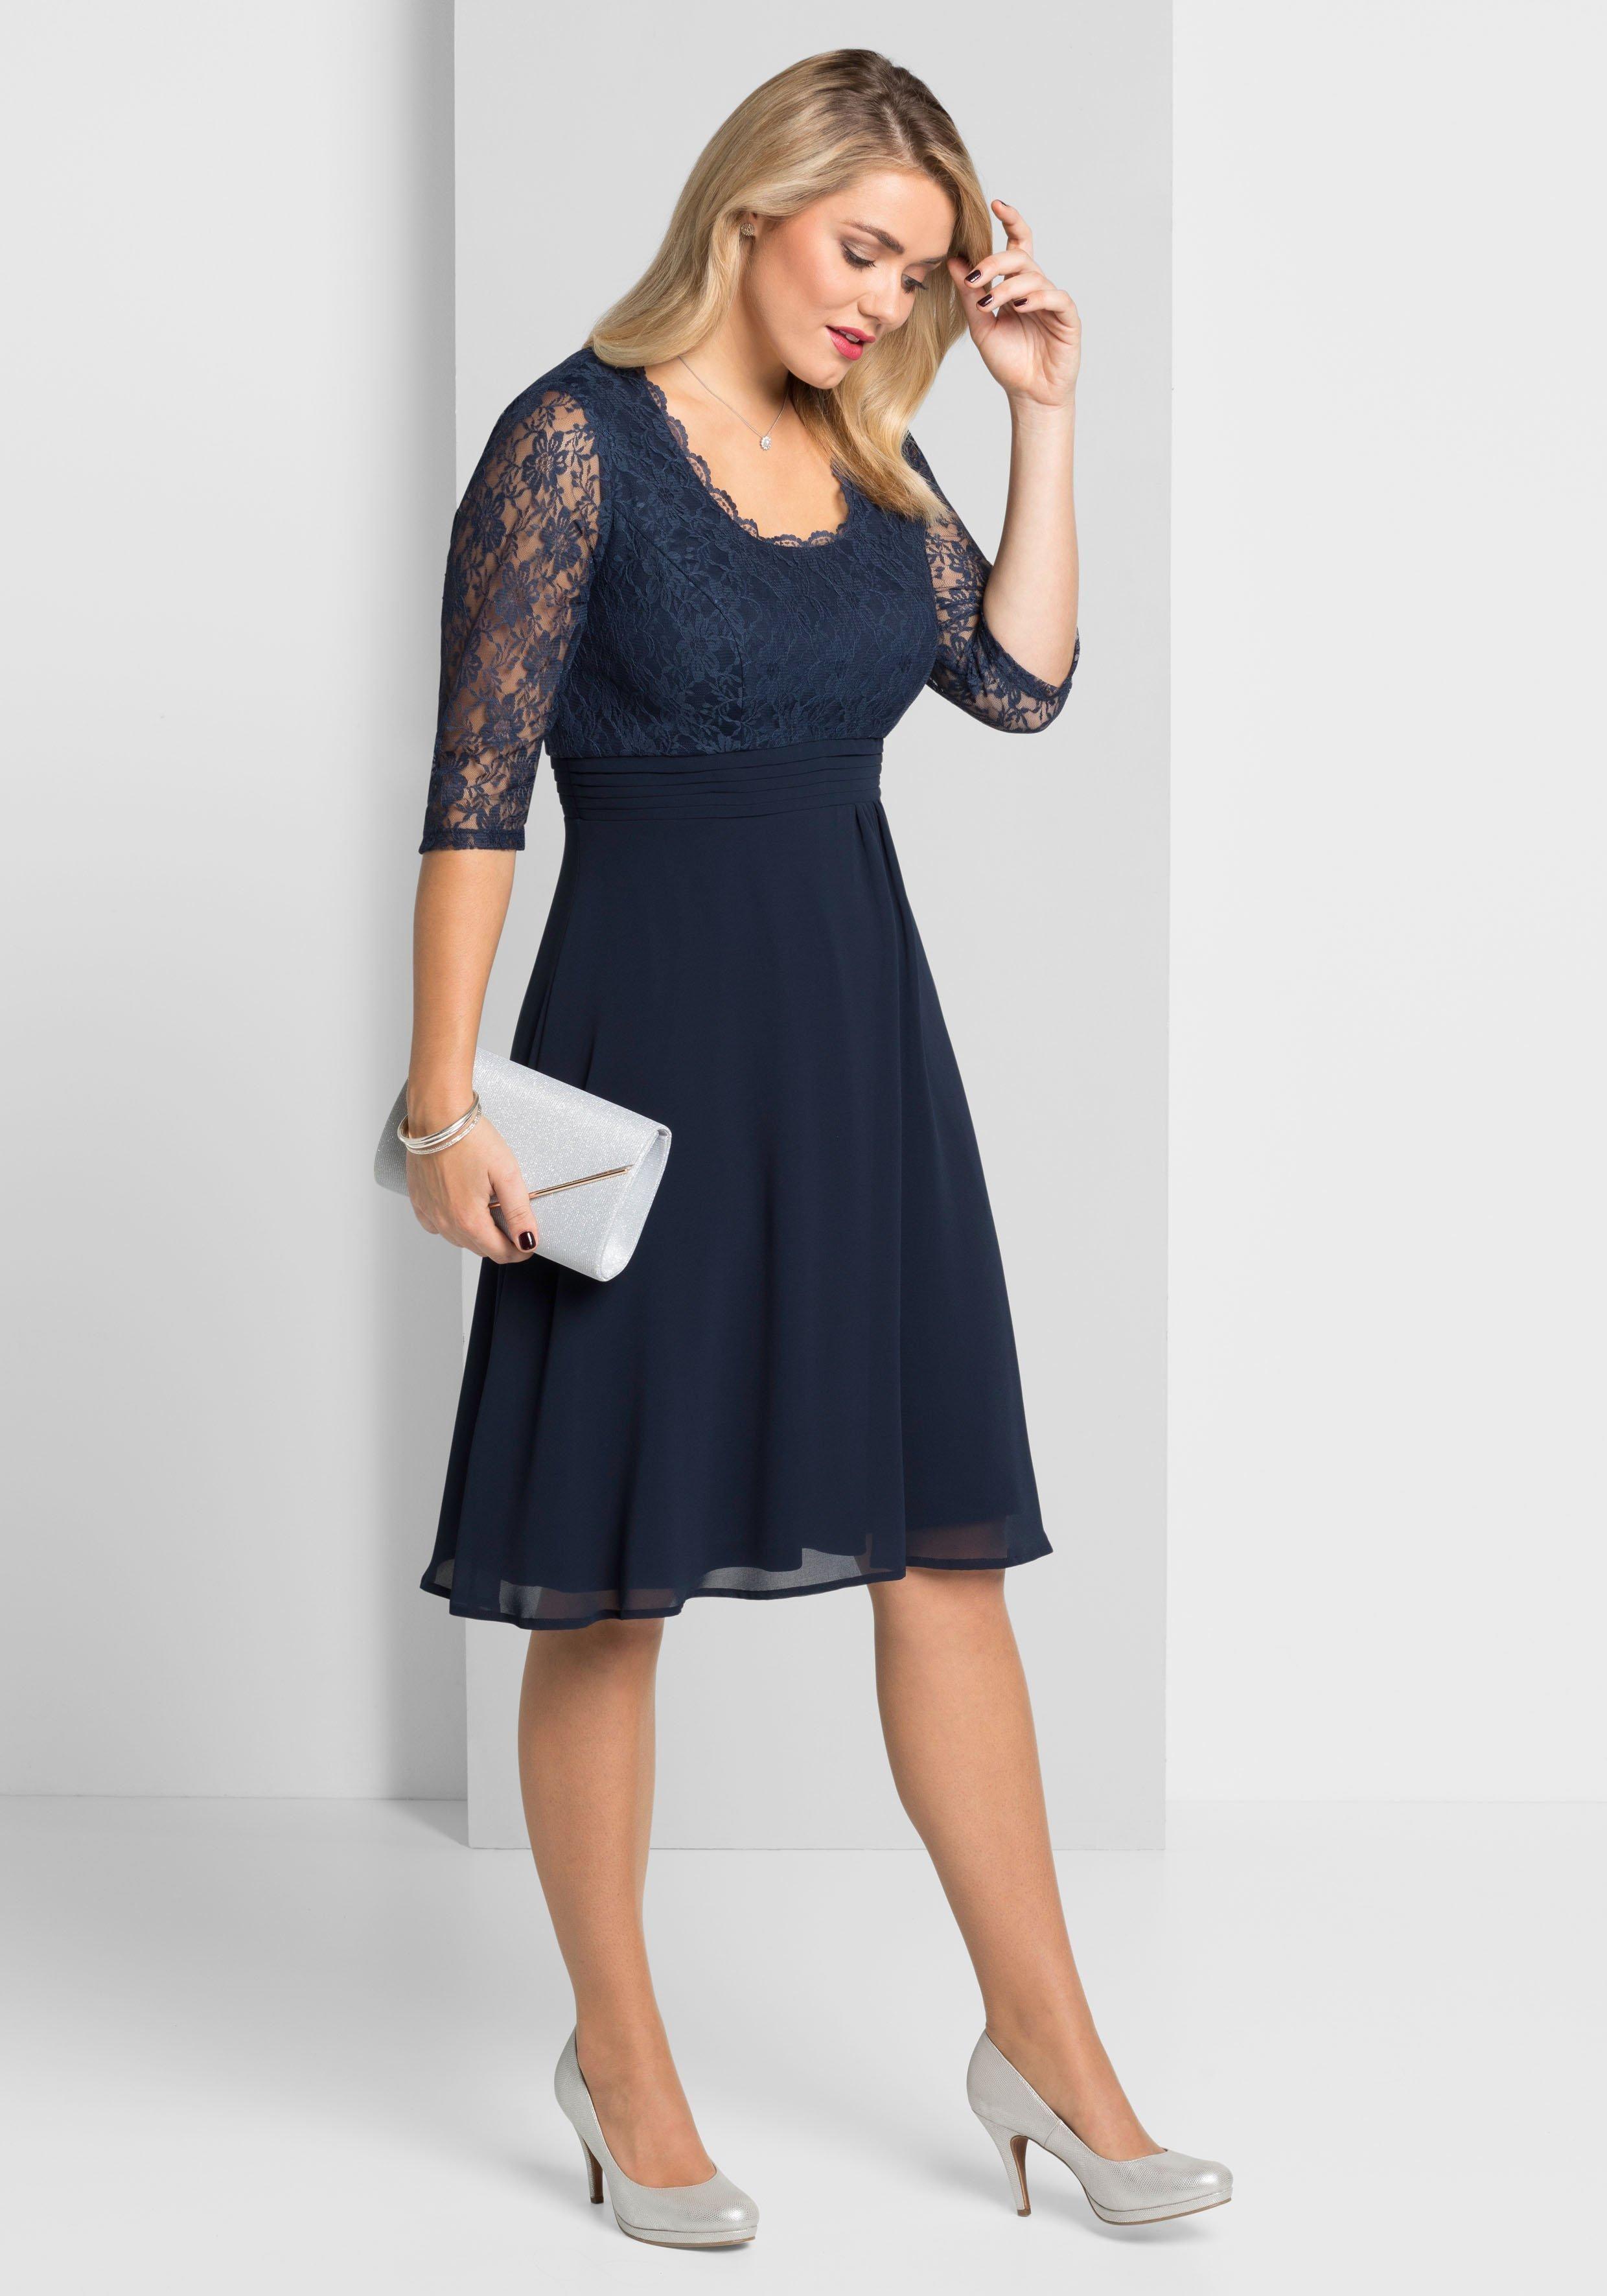 Sheego Abendkleid online kaufen  BAUR  Abendkleid, Kleider